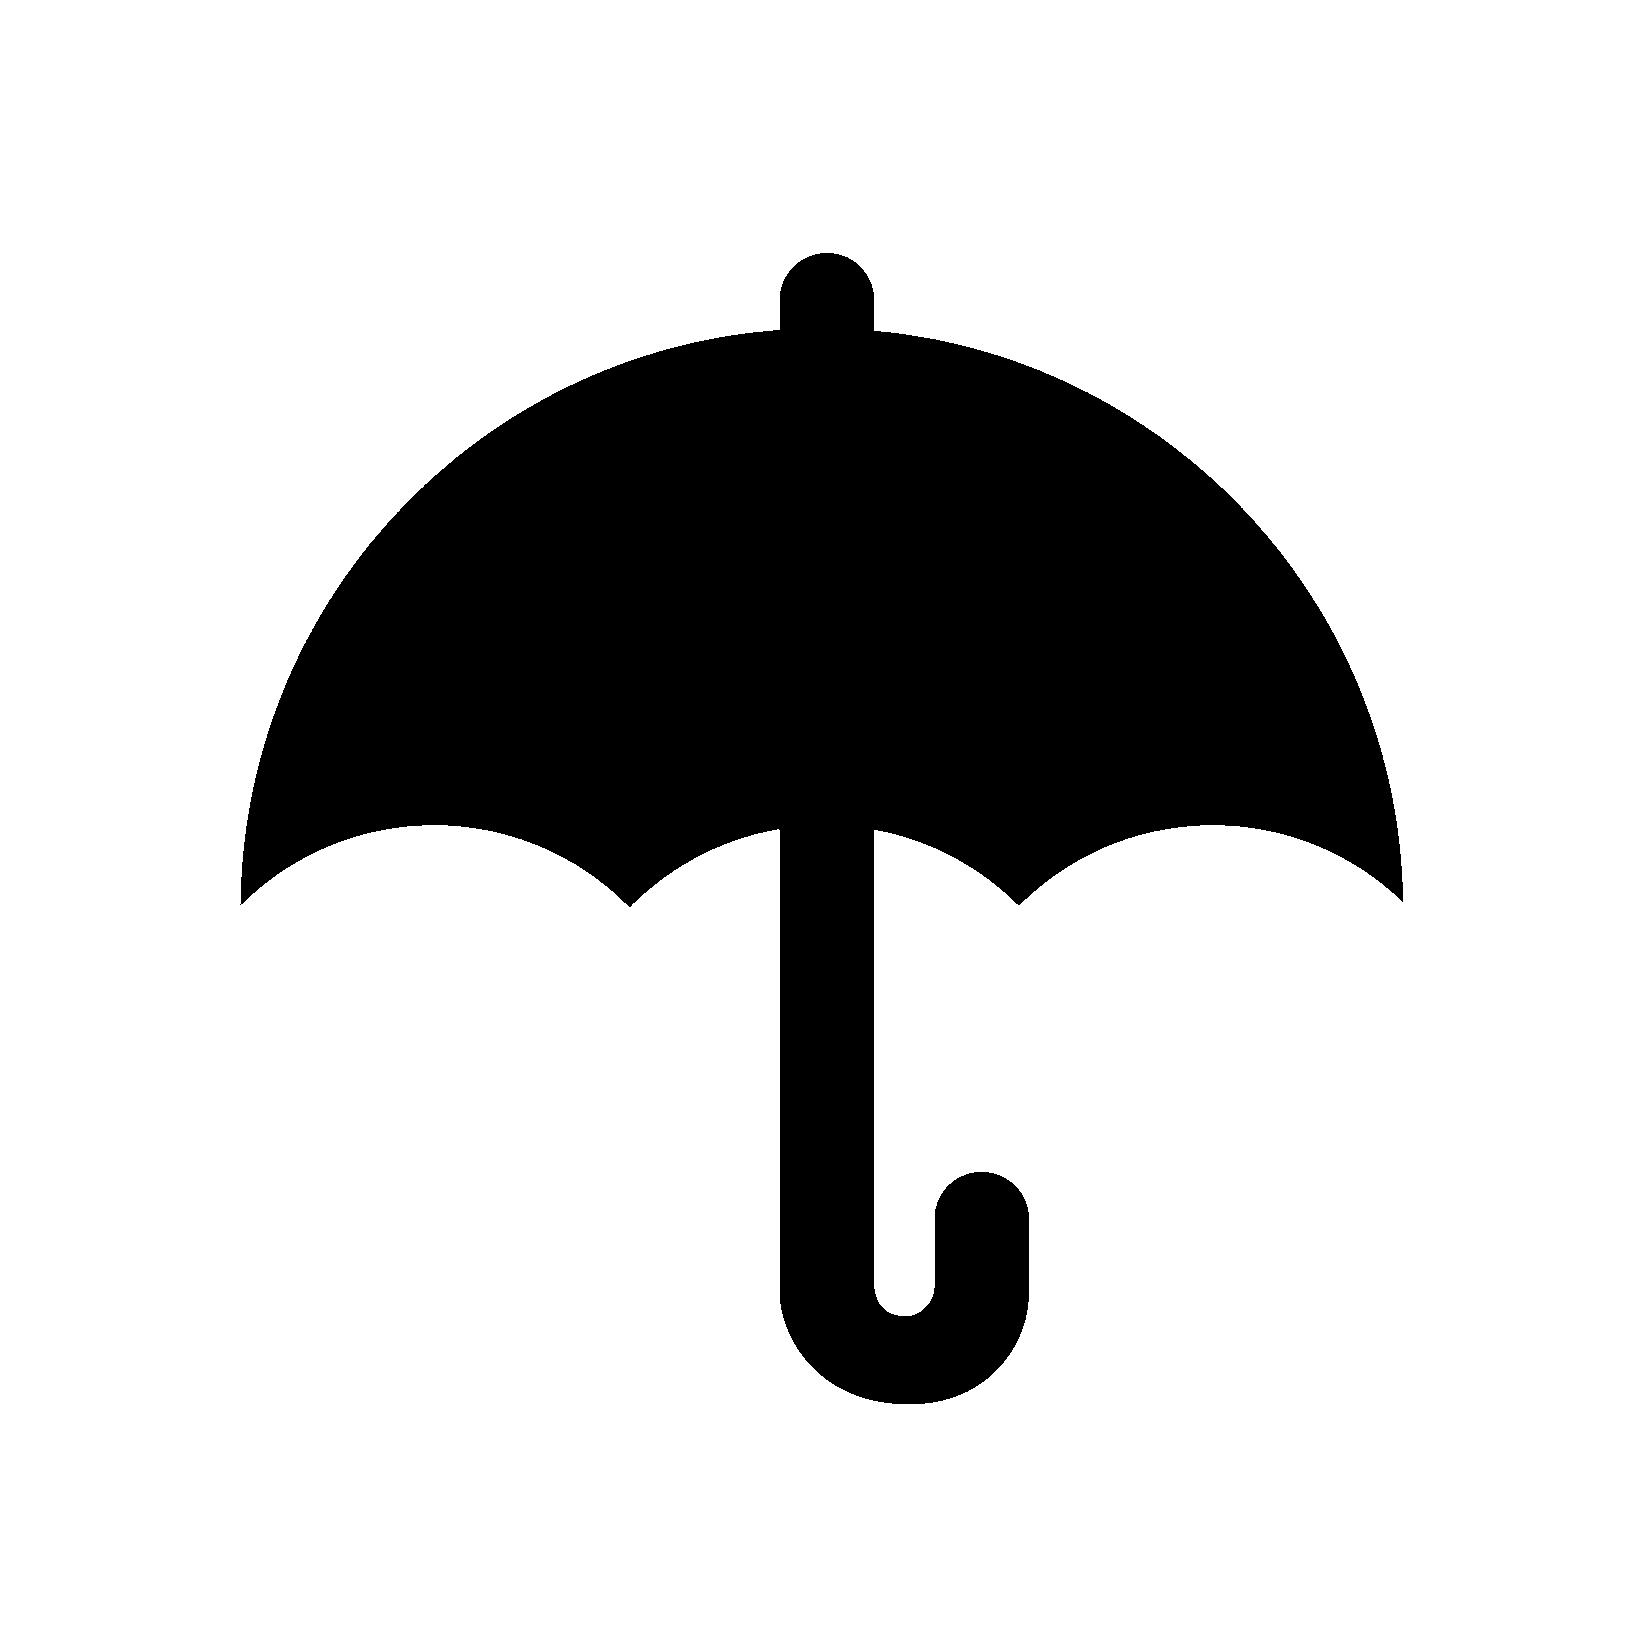 File:Umbrella parapluie.PNG.